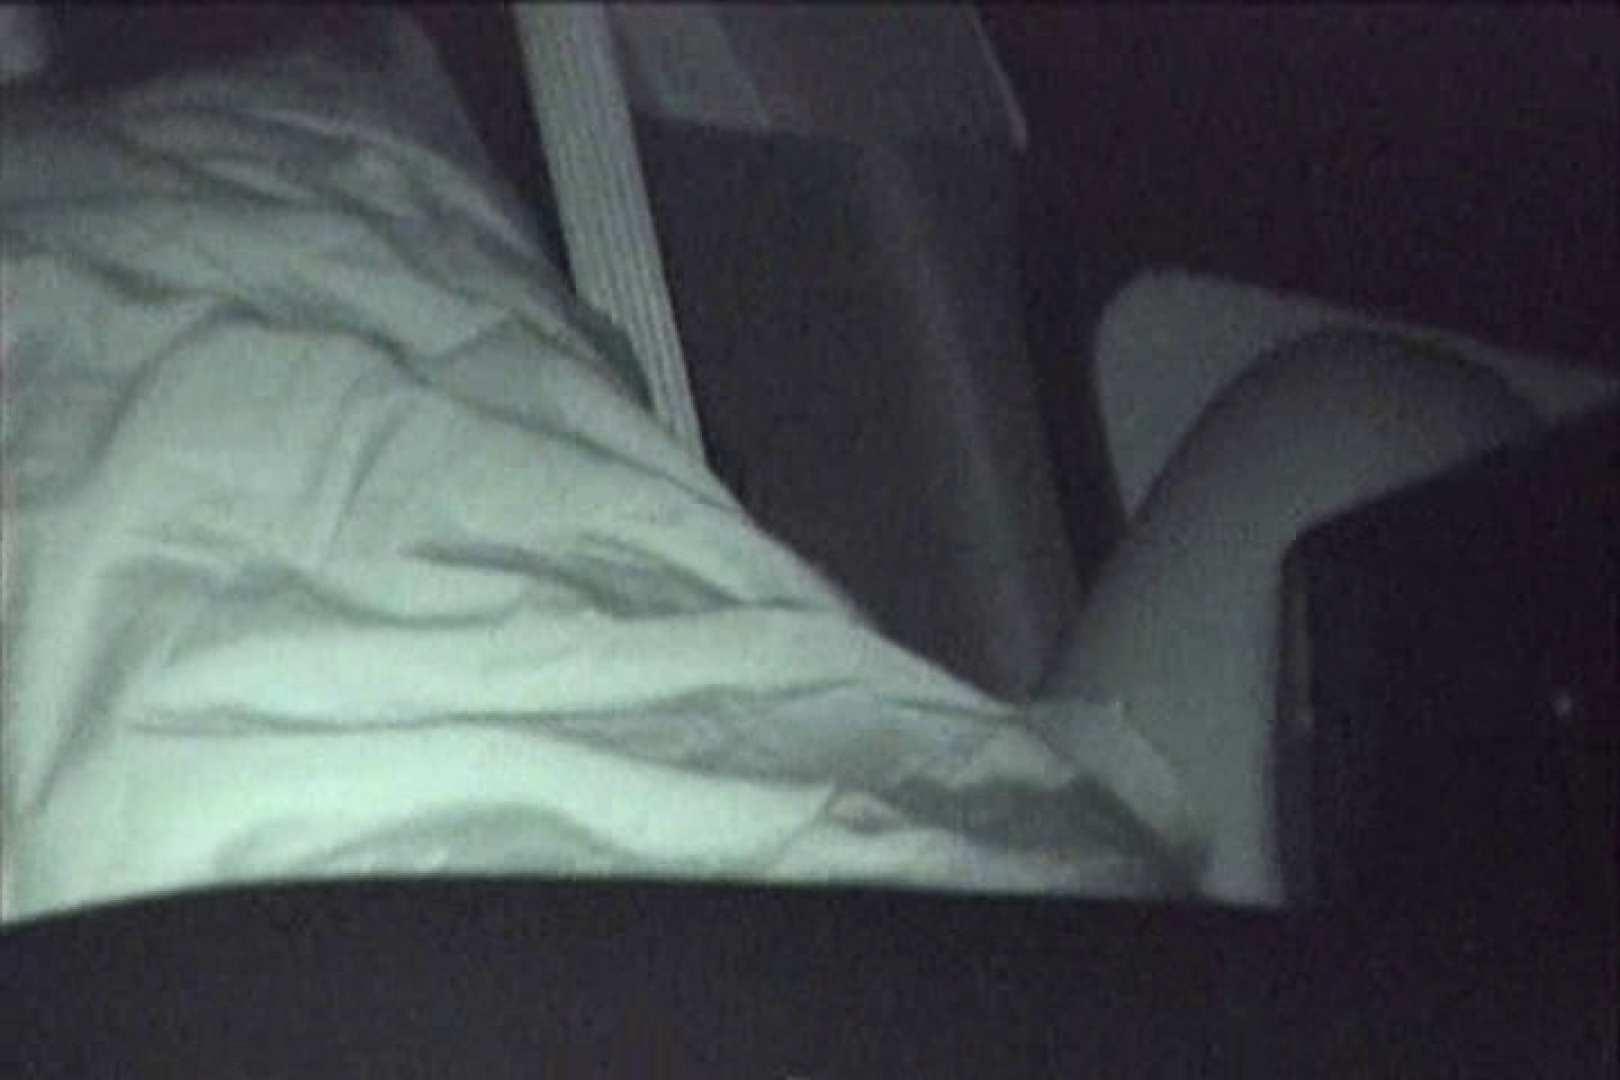 車の中はラブホテル 無修正版  Vol.21 OLセックス 隠し撮りセックス画像 109画像 104